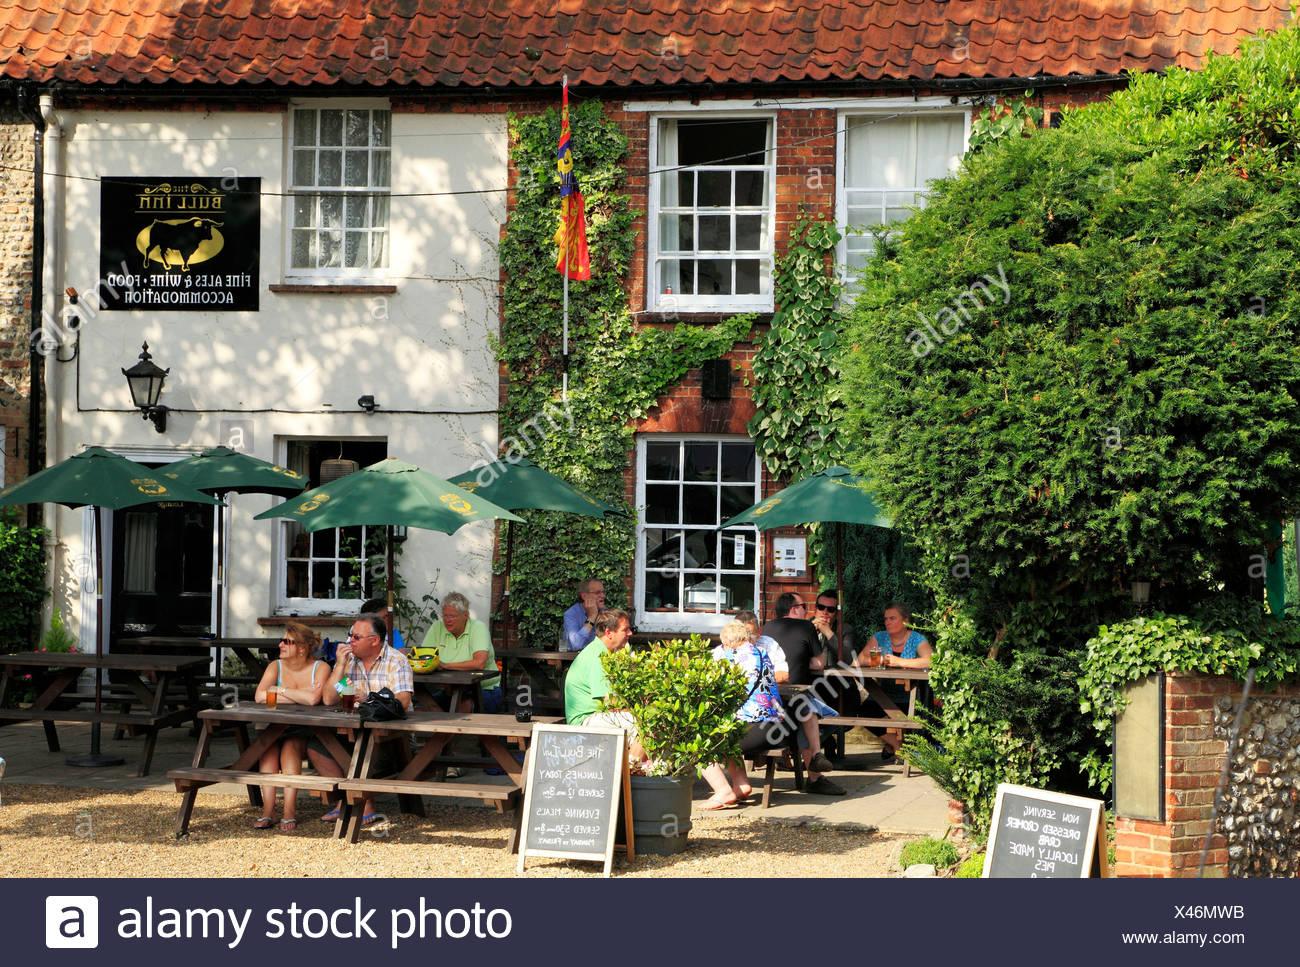 Walsingham, The Bull Inn, le jardin et la pub, les personnes qui consomment de l'alcool, Norfolk, Angleterre, Royaume-Uni, les pubs Anglais inns Photo Stock